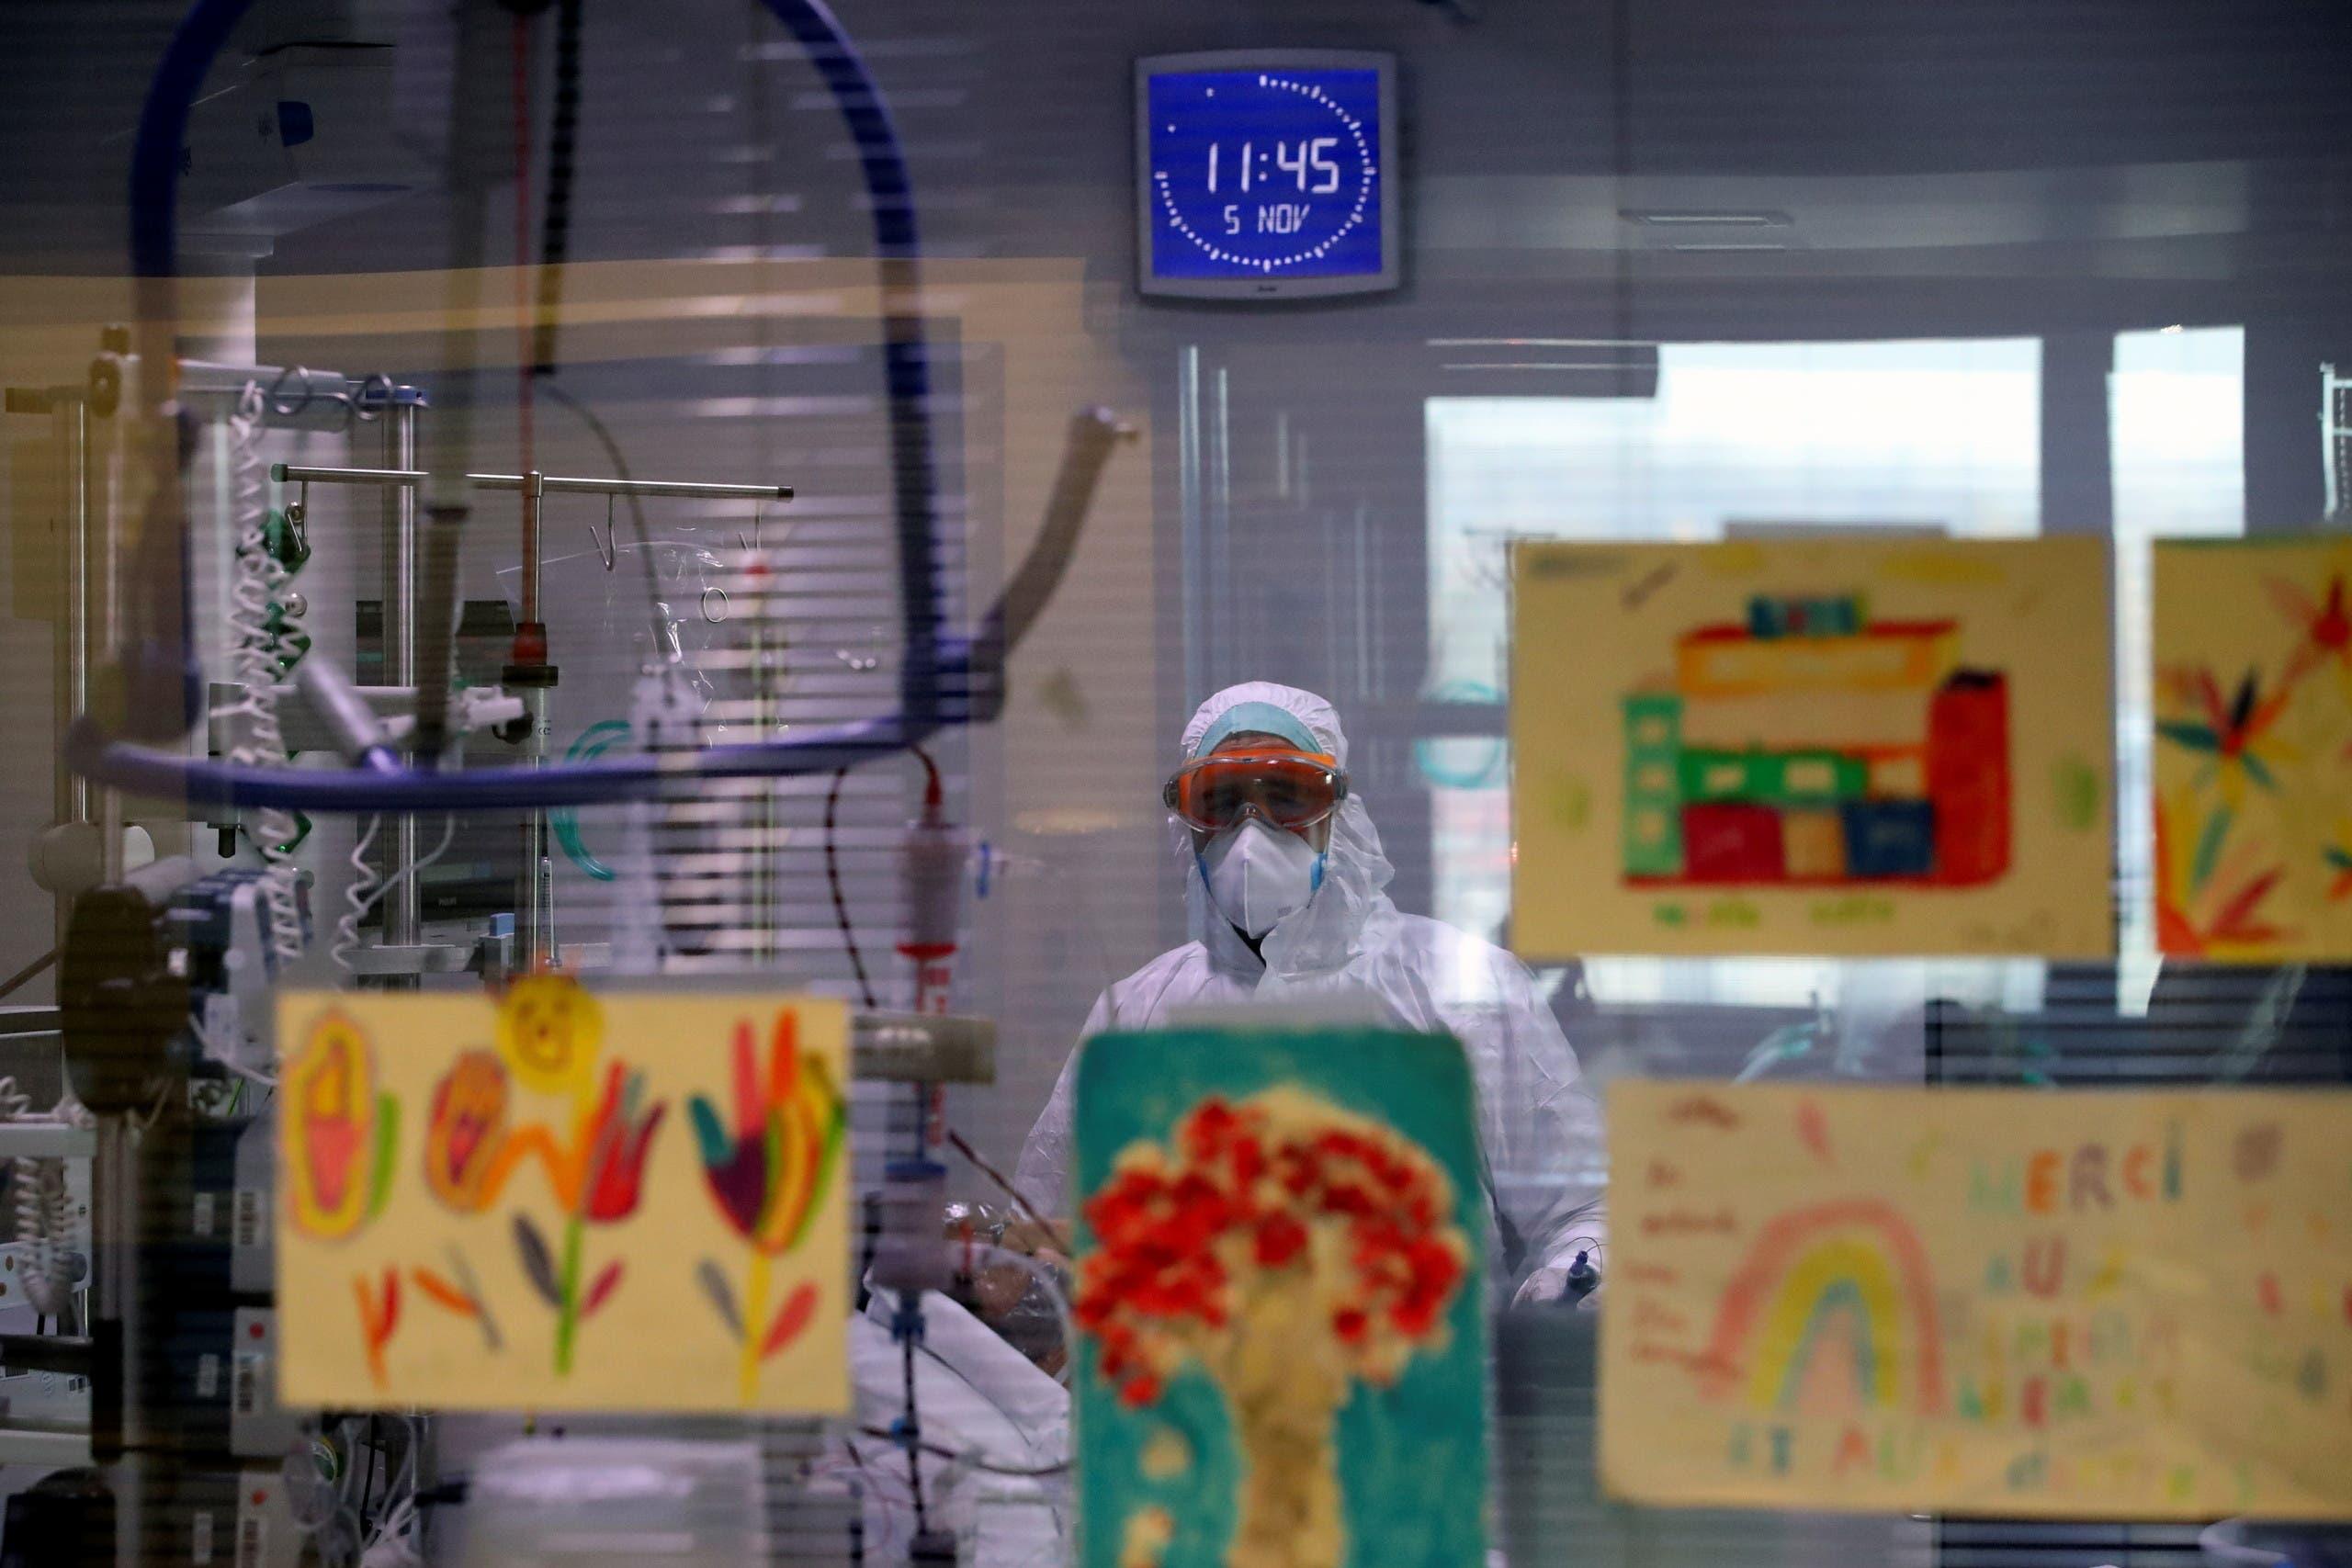 قسم مخصص لعلاج الأطفال في مستشفى ببلجيكا تم تحويله لاسقبال المصابين بكورونا